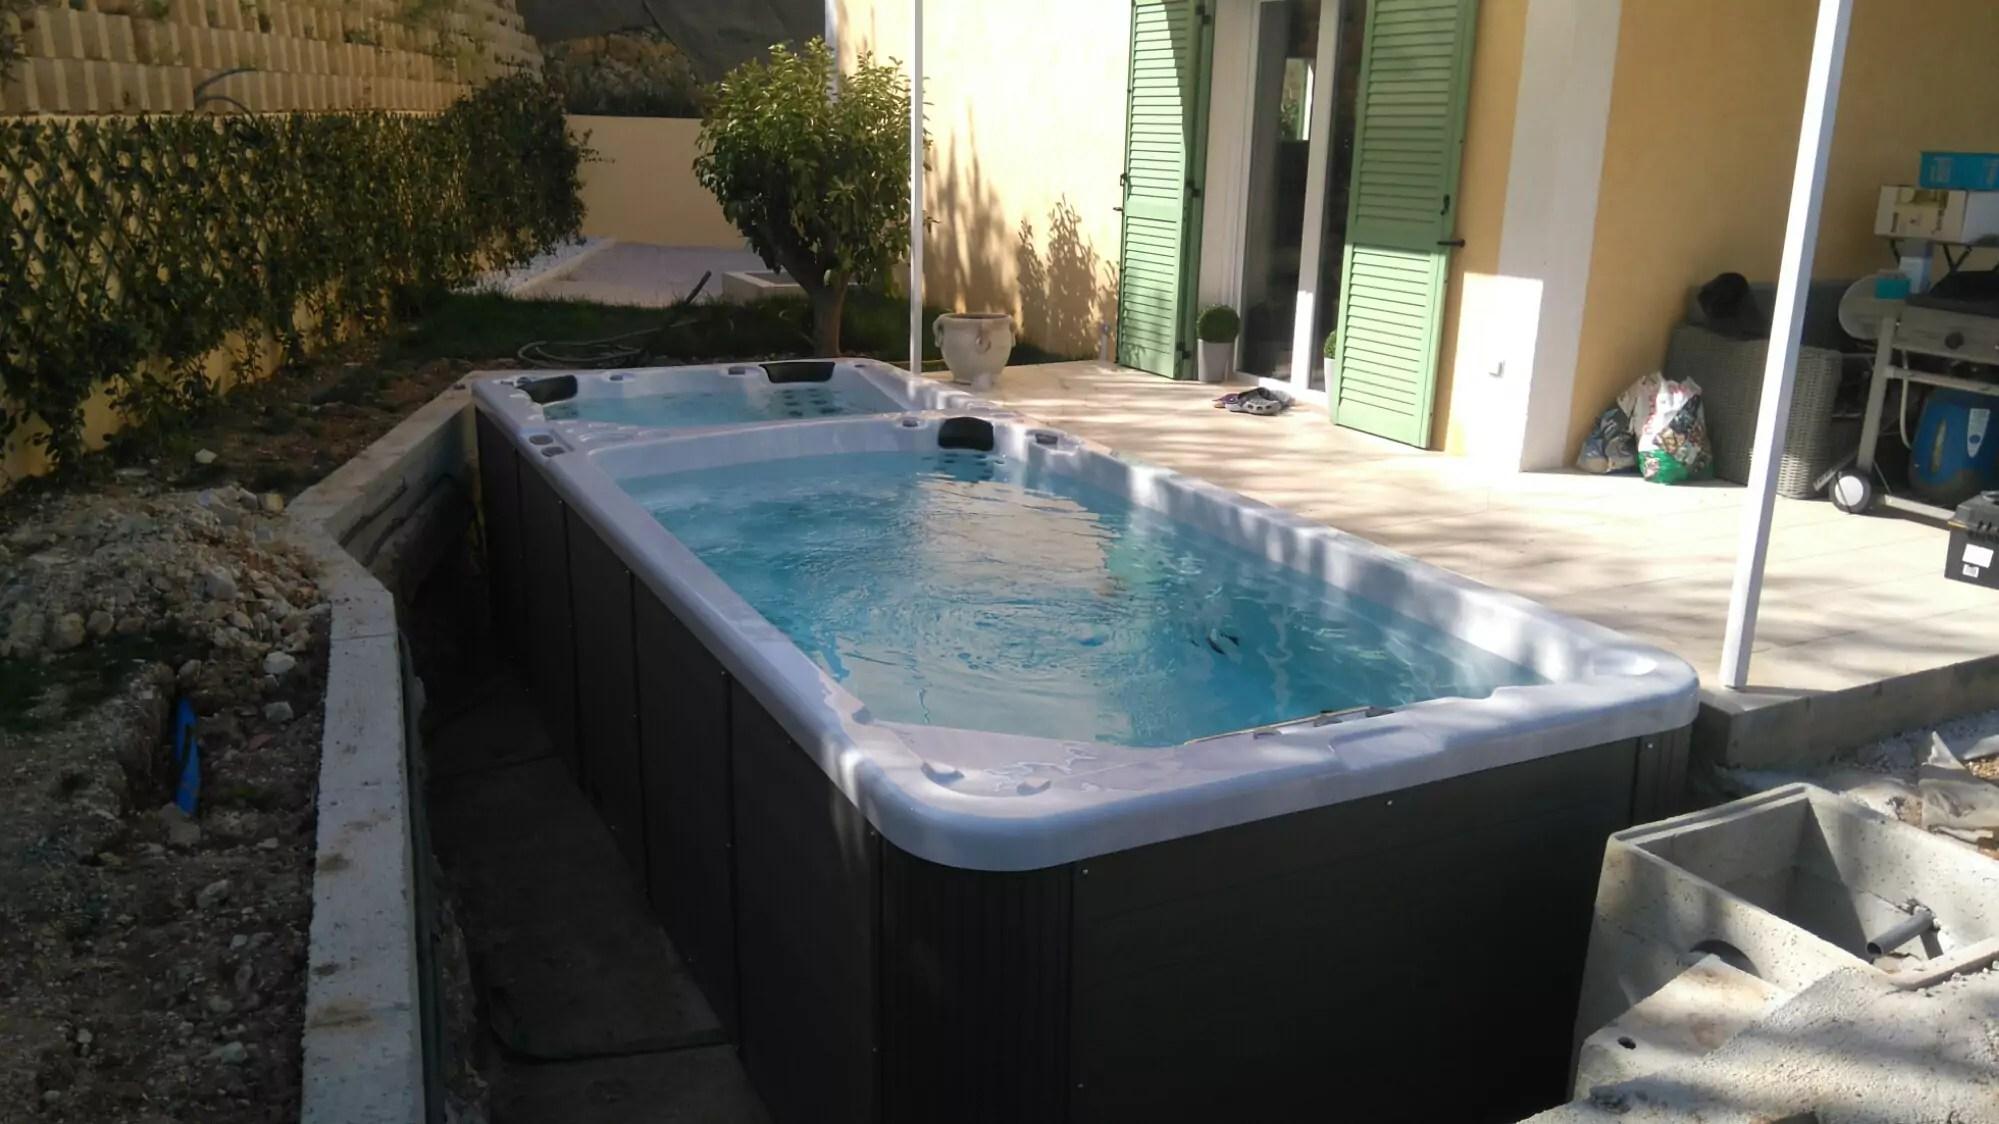 100 bassin de nage jacuzzi piscine piscine de petite taille piscine xs - Jacuzzi petite taille ...